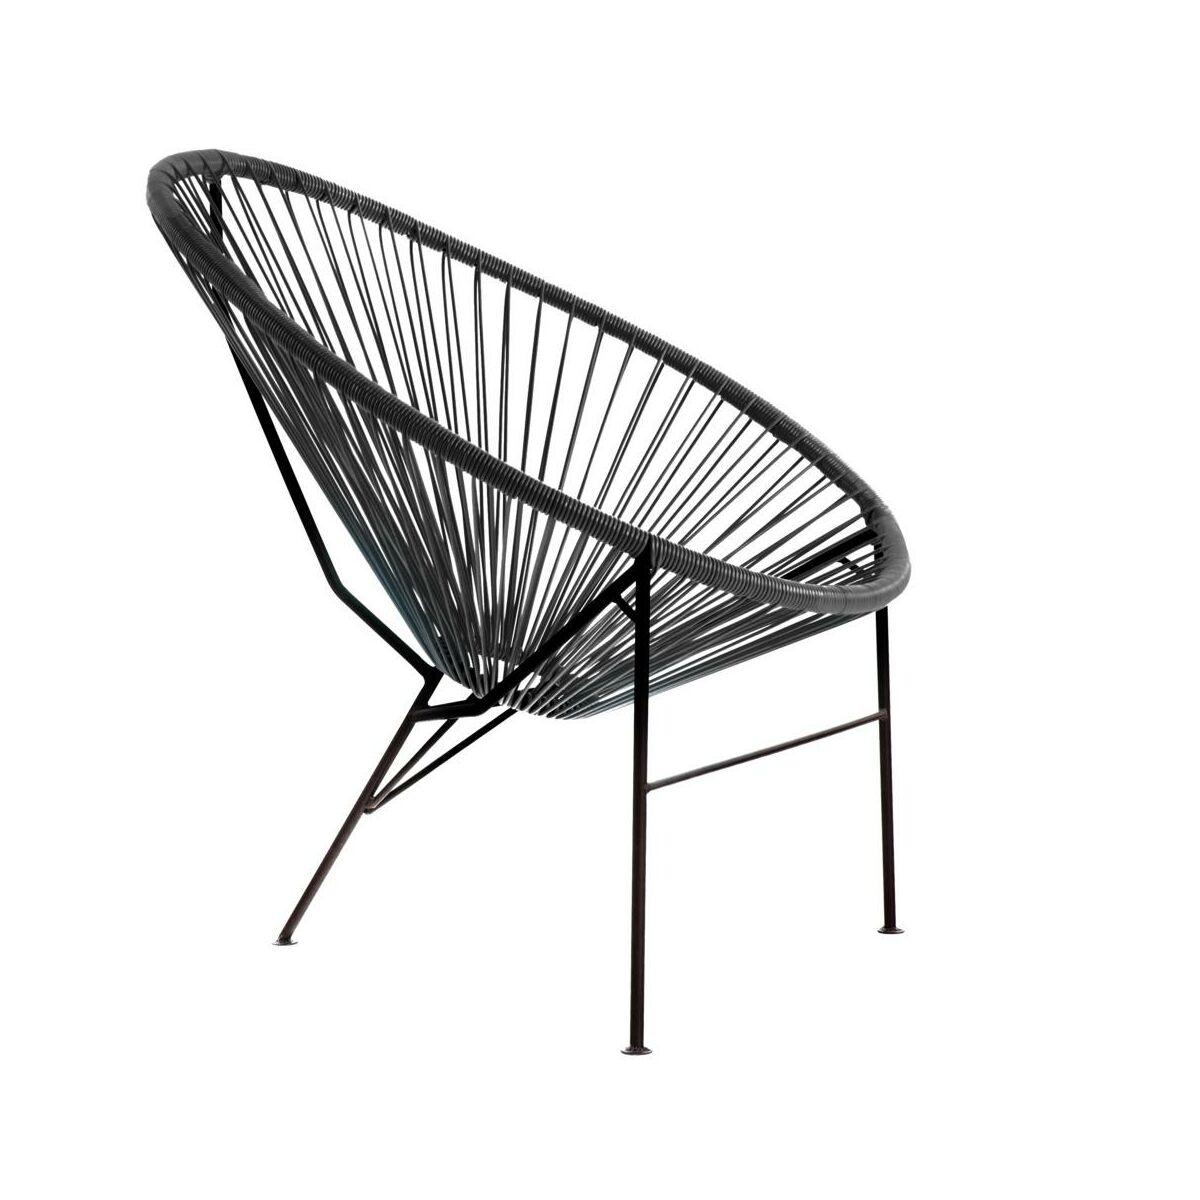 Krzeslo Ogrodowe Acapulco Czarne Krzesla Fotele Lawki Ogrodowe W Atrakcyjnej Cenie W Sklepach Leroy Merlin